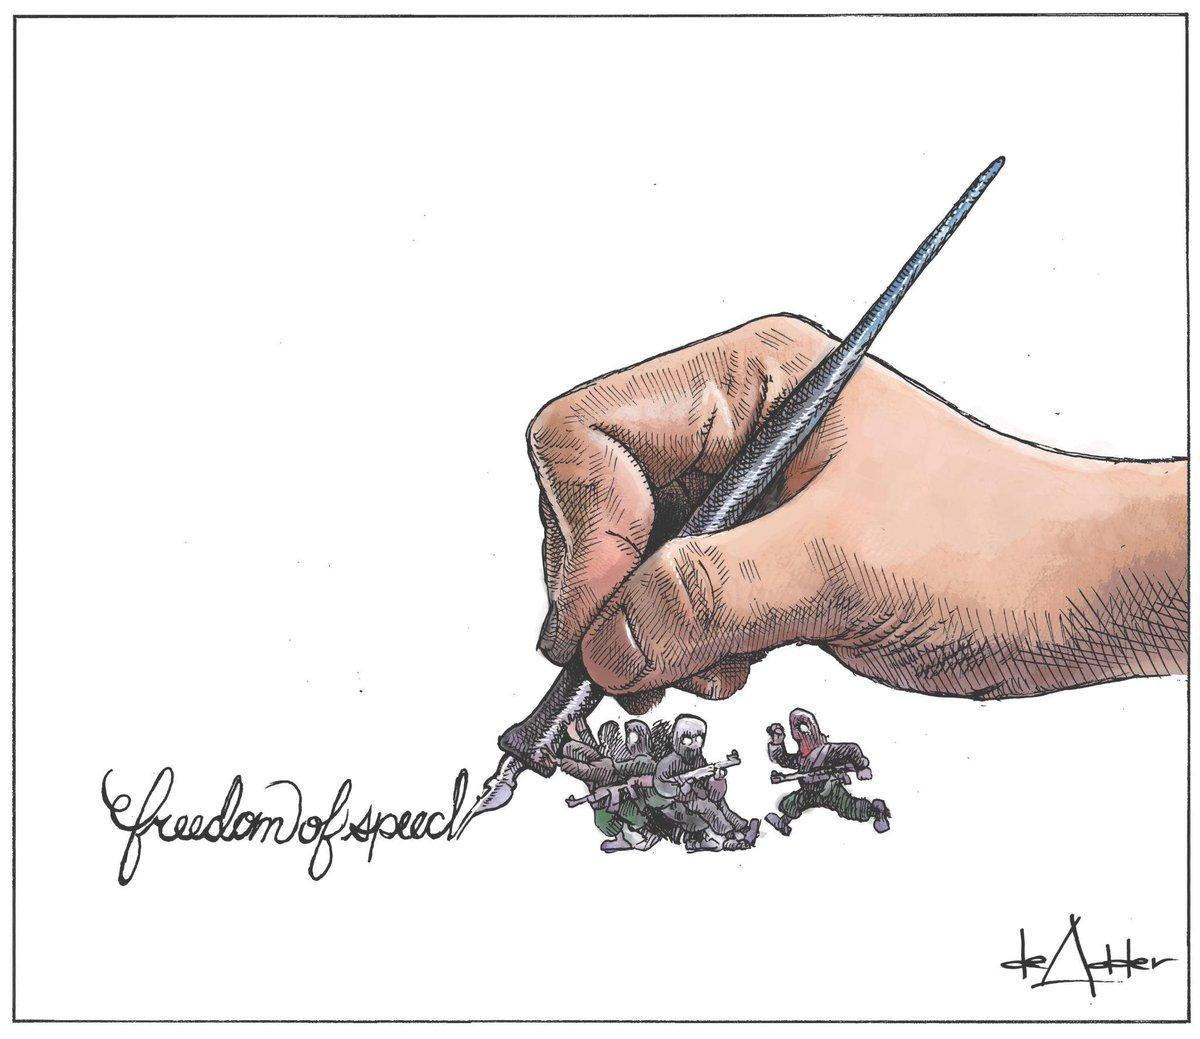 Cartoon on #CharlieHebdo #JeSuisCharlie #cdnpoli #cartoonists #nspoli http://t.co/VvGDifANCV